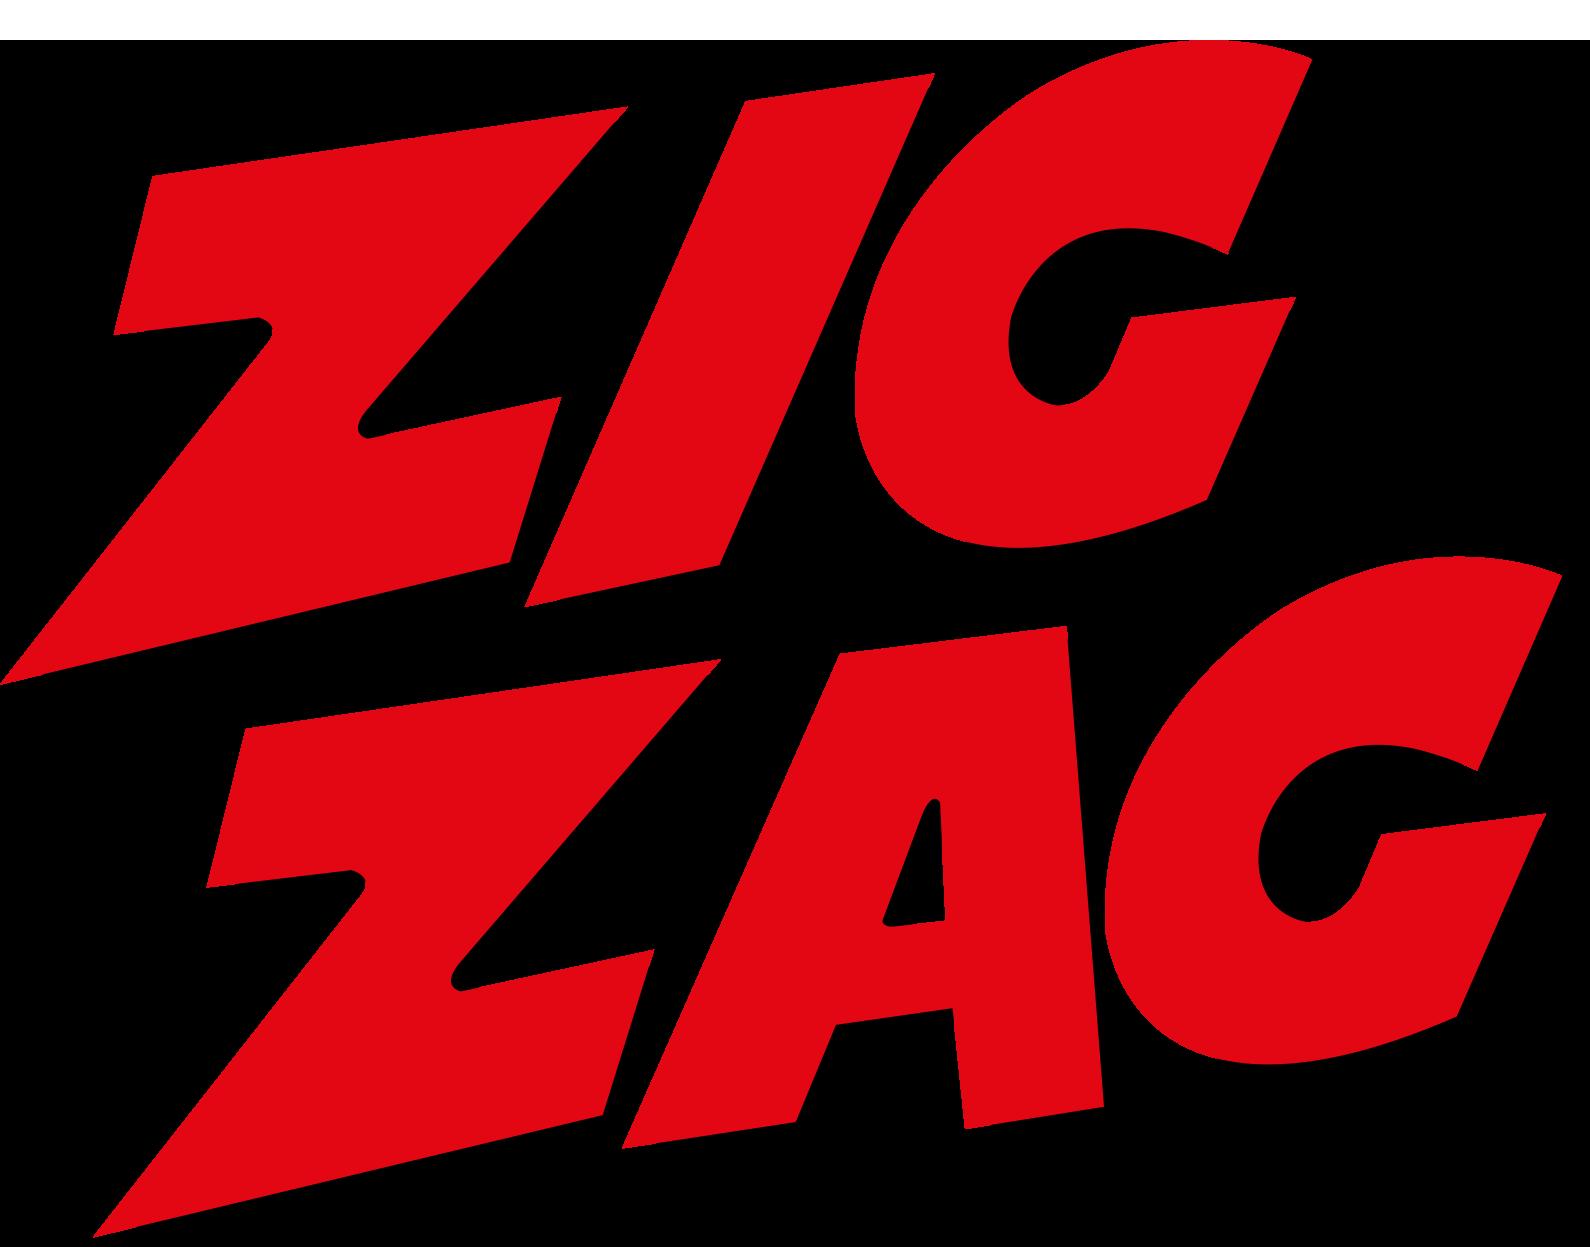 ZIG ZAG logga